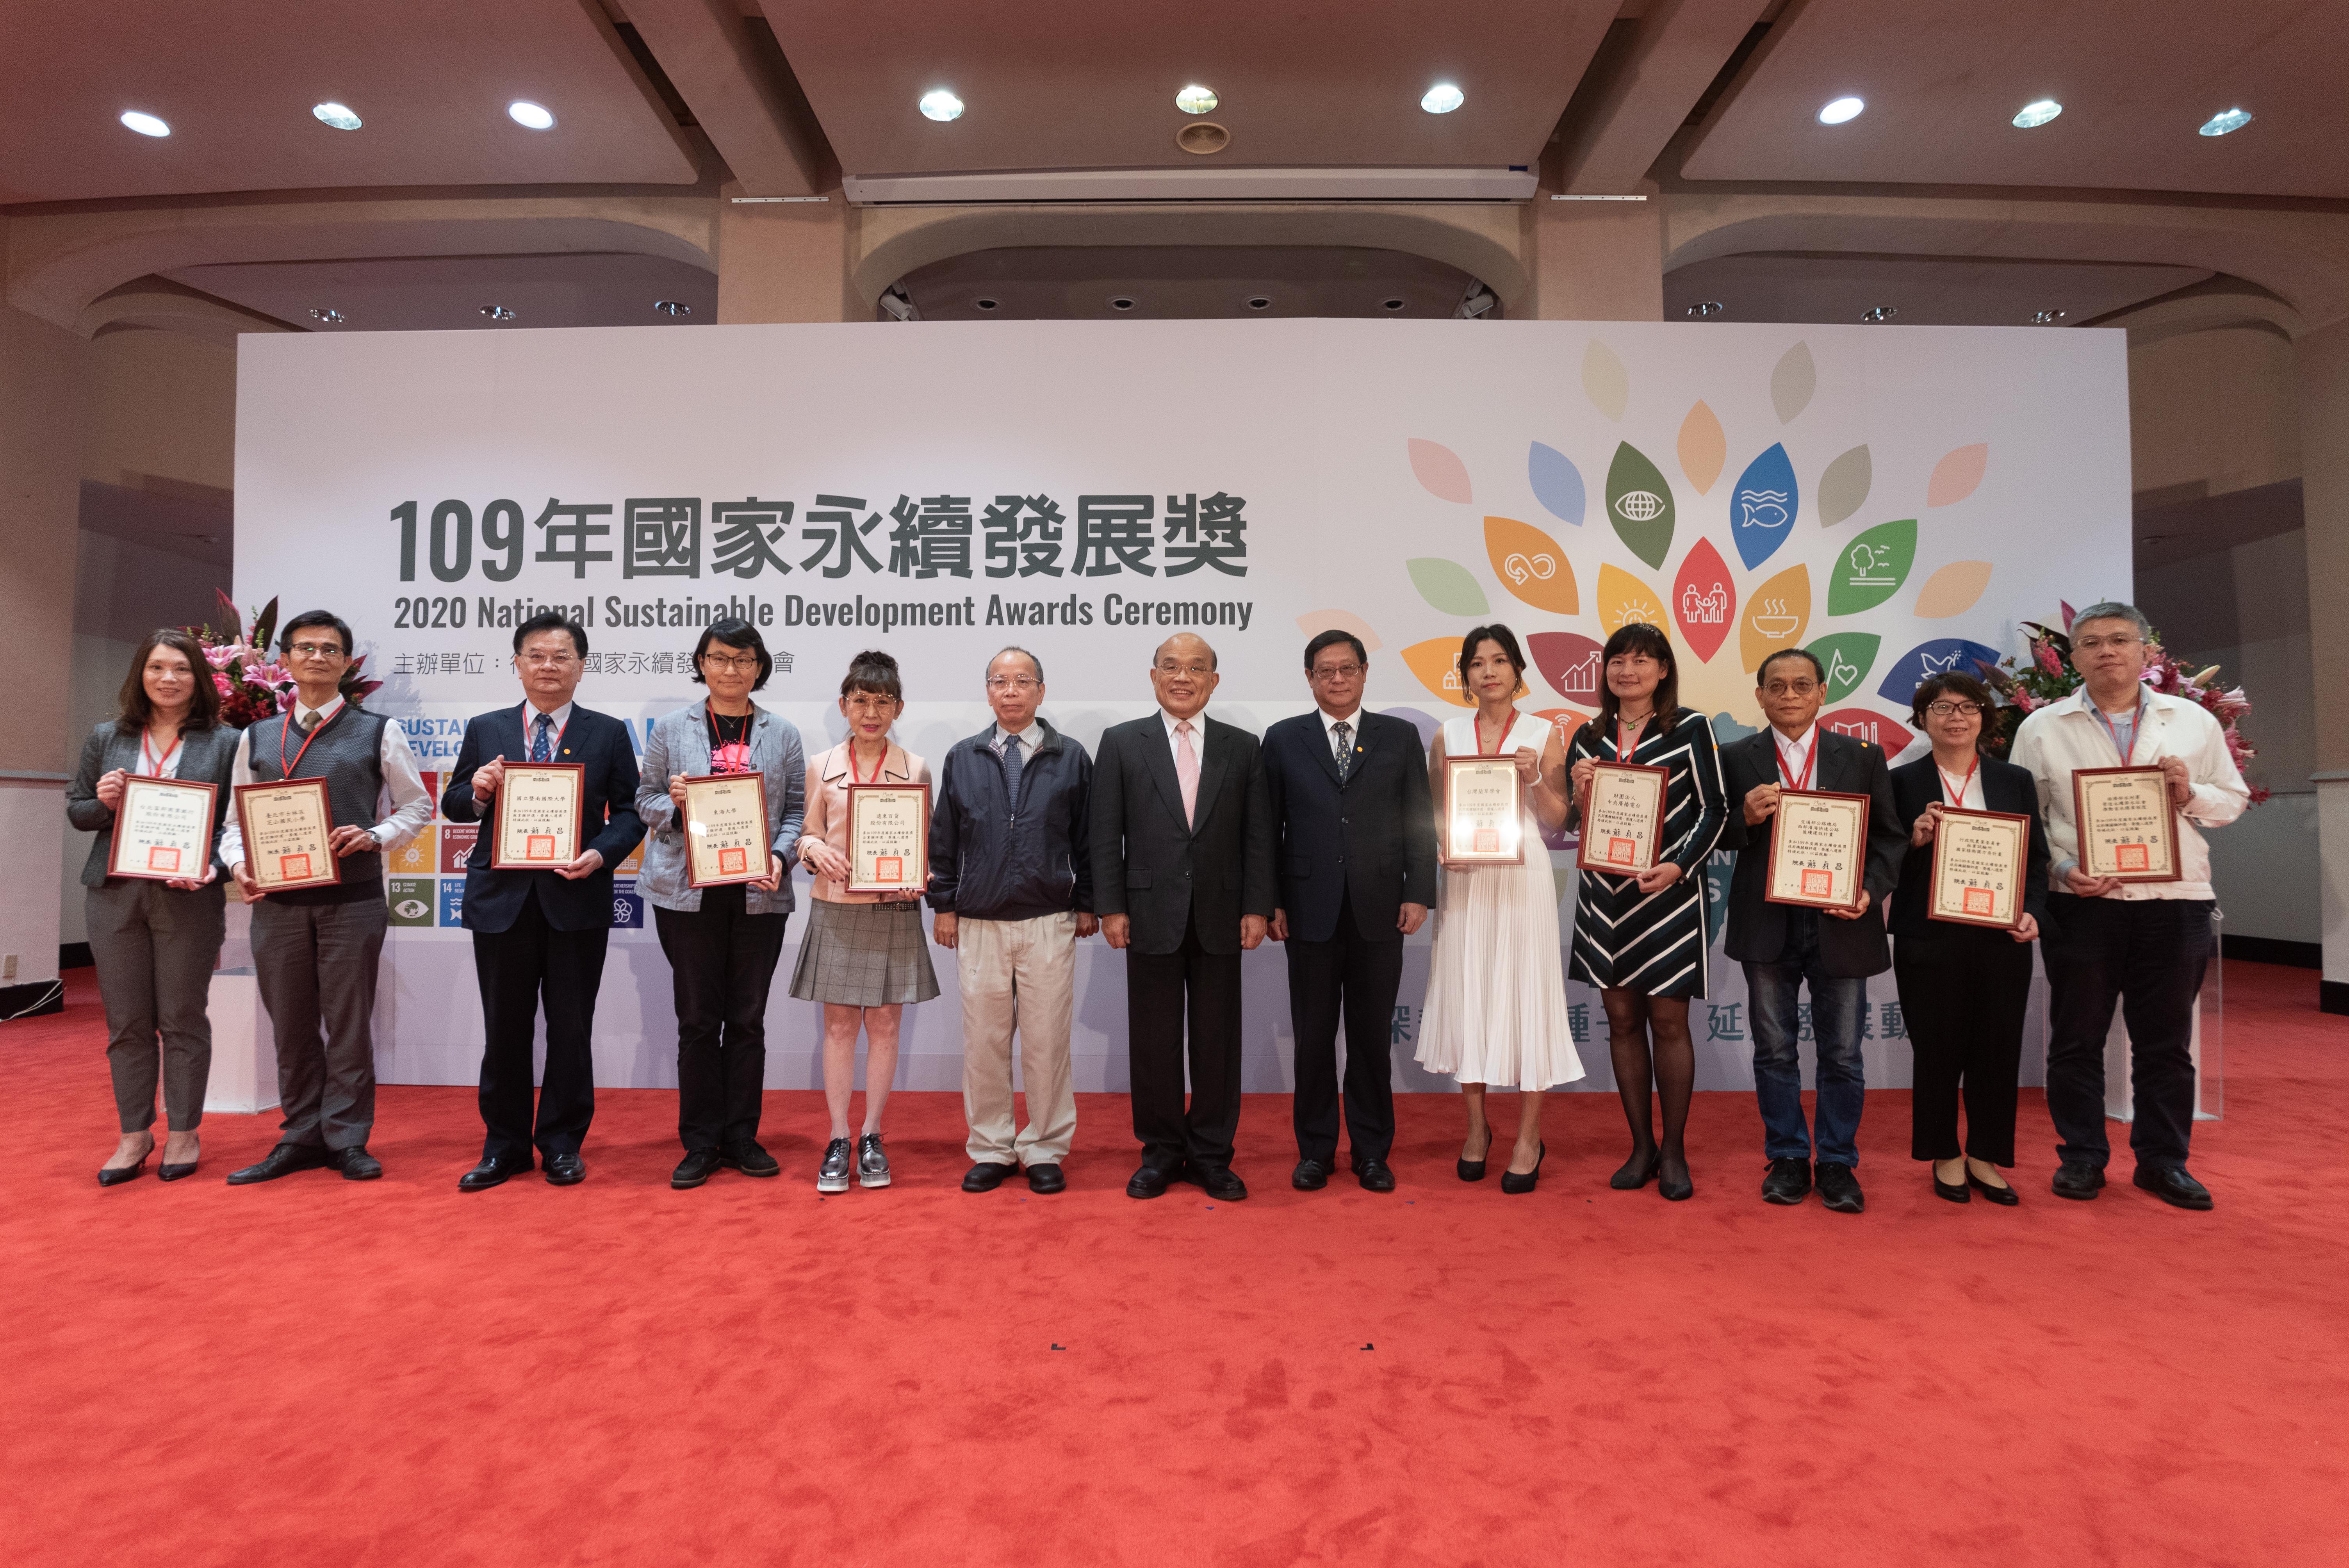 推動永續校園,實踐社會責任 東海大學榮獲109年國家永續發展獎-教育類獎項